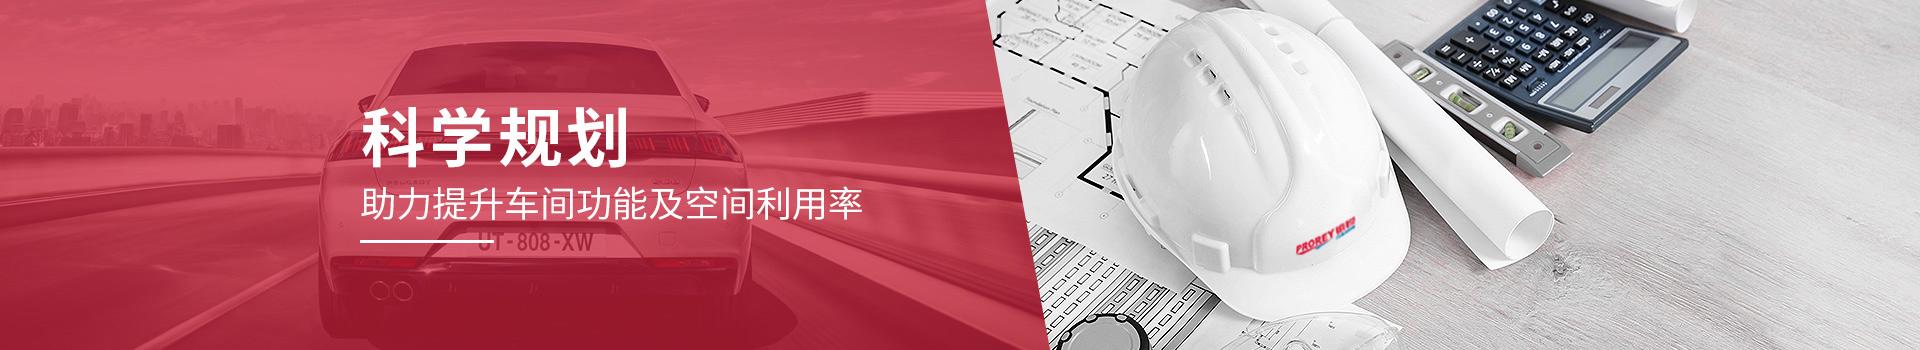 铂锐汽车科技-科学规划,助力提升车间功能及空间利用率